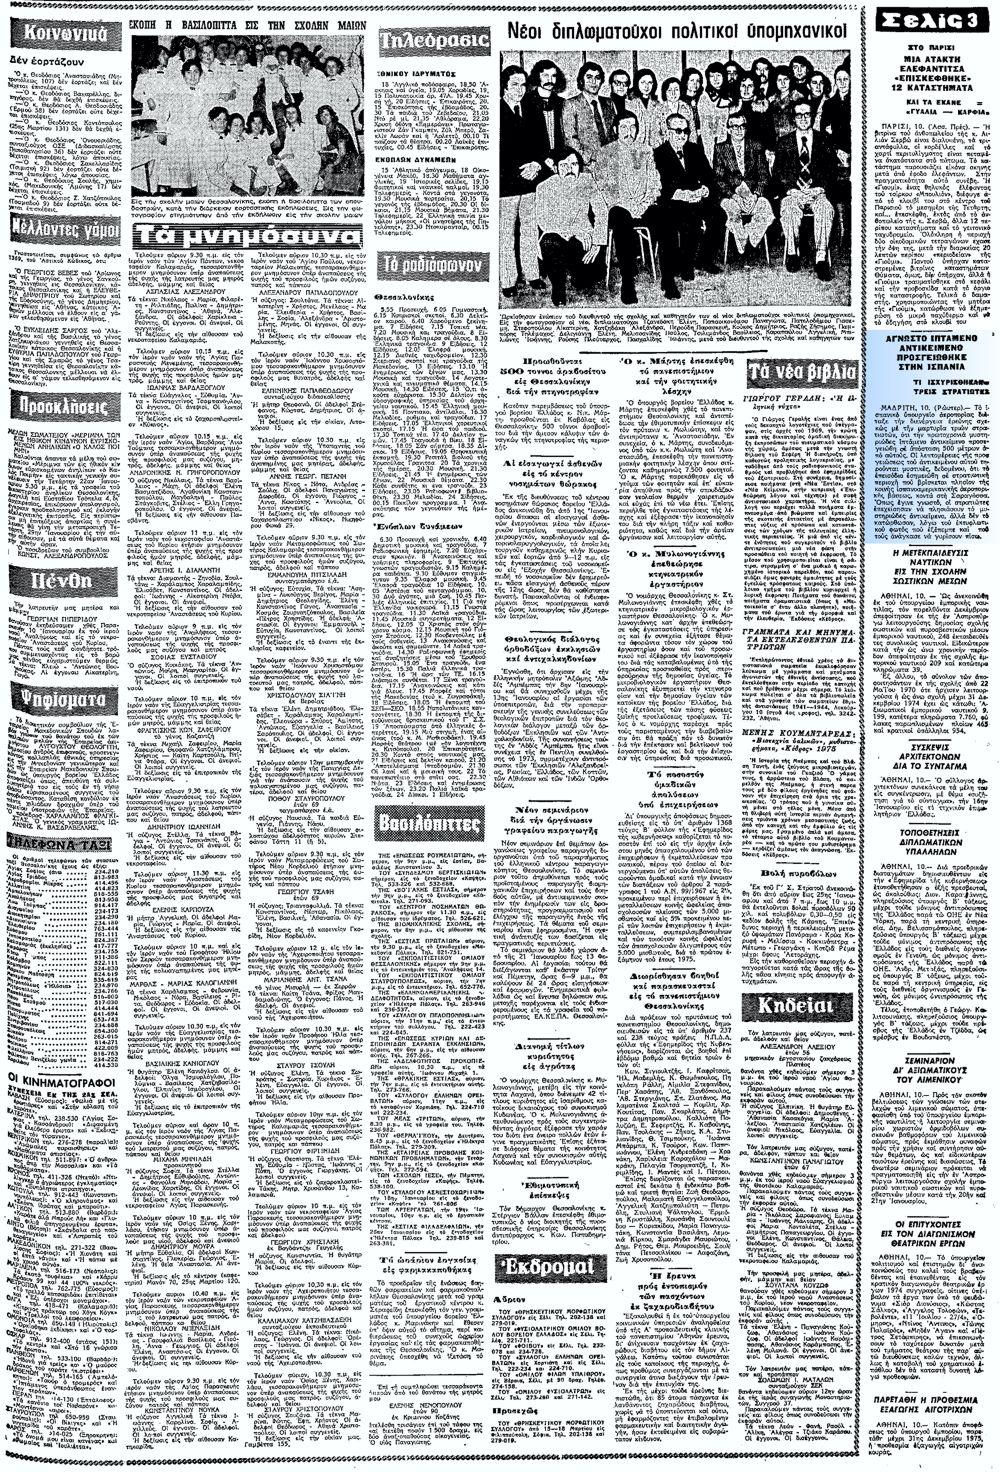 """Το άρθρο, όπως δημοσιεύθηκε στην εφημερίδα """"ΜΑΚΕΔΟΝΙΑ"""", στις 11/01/1975"""